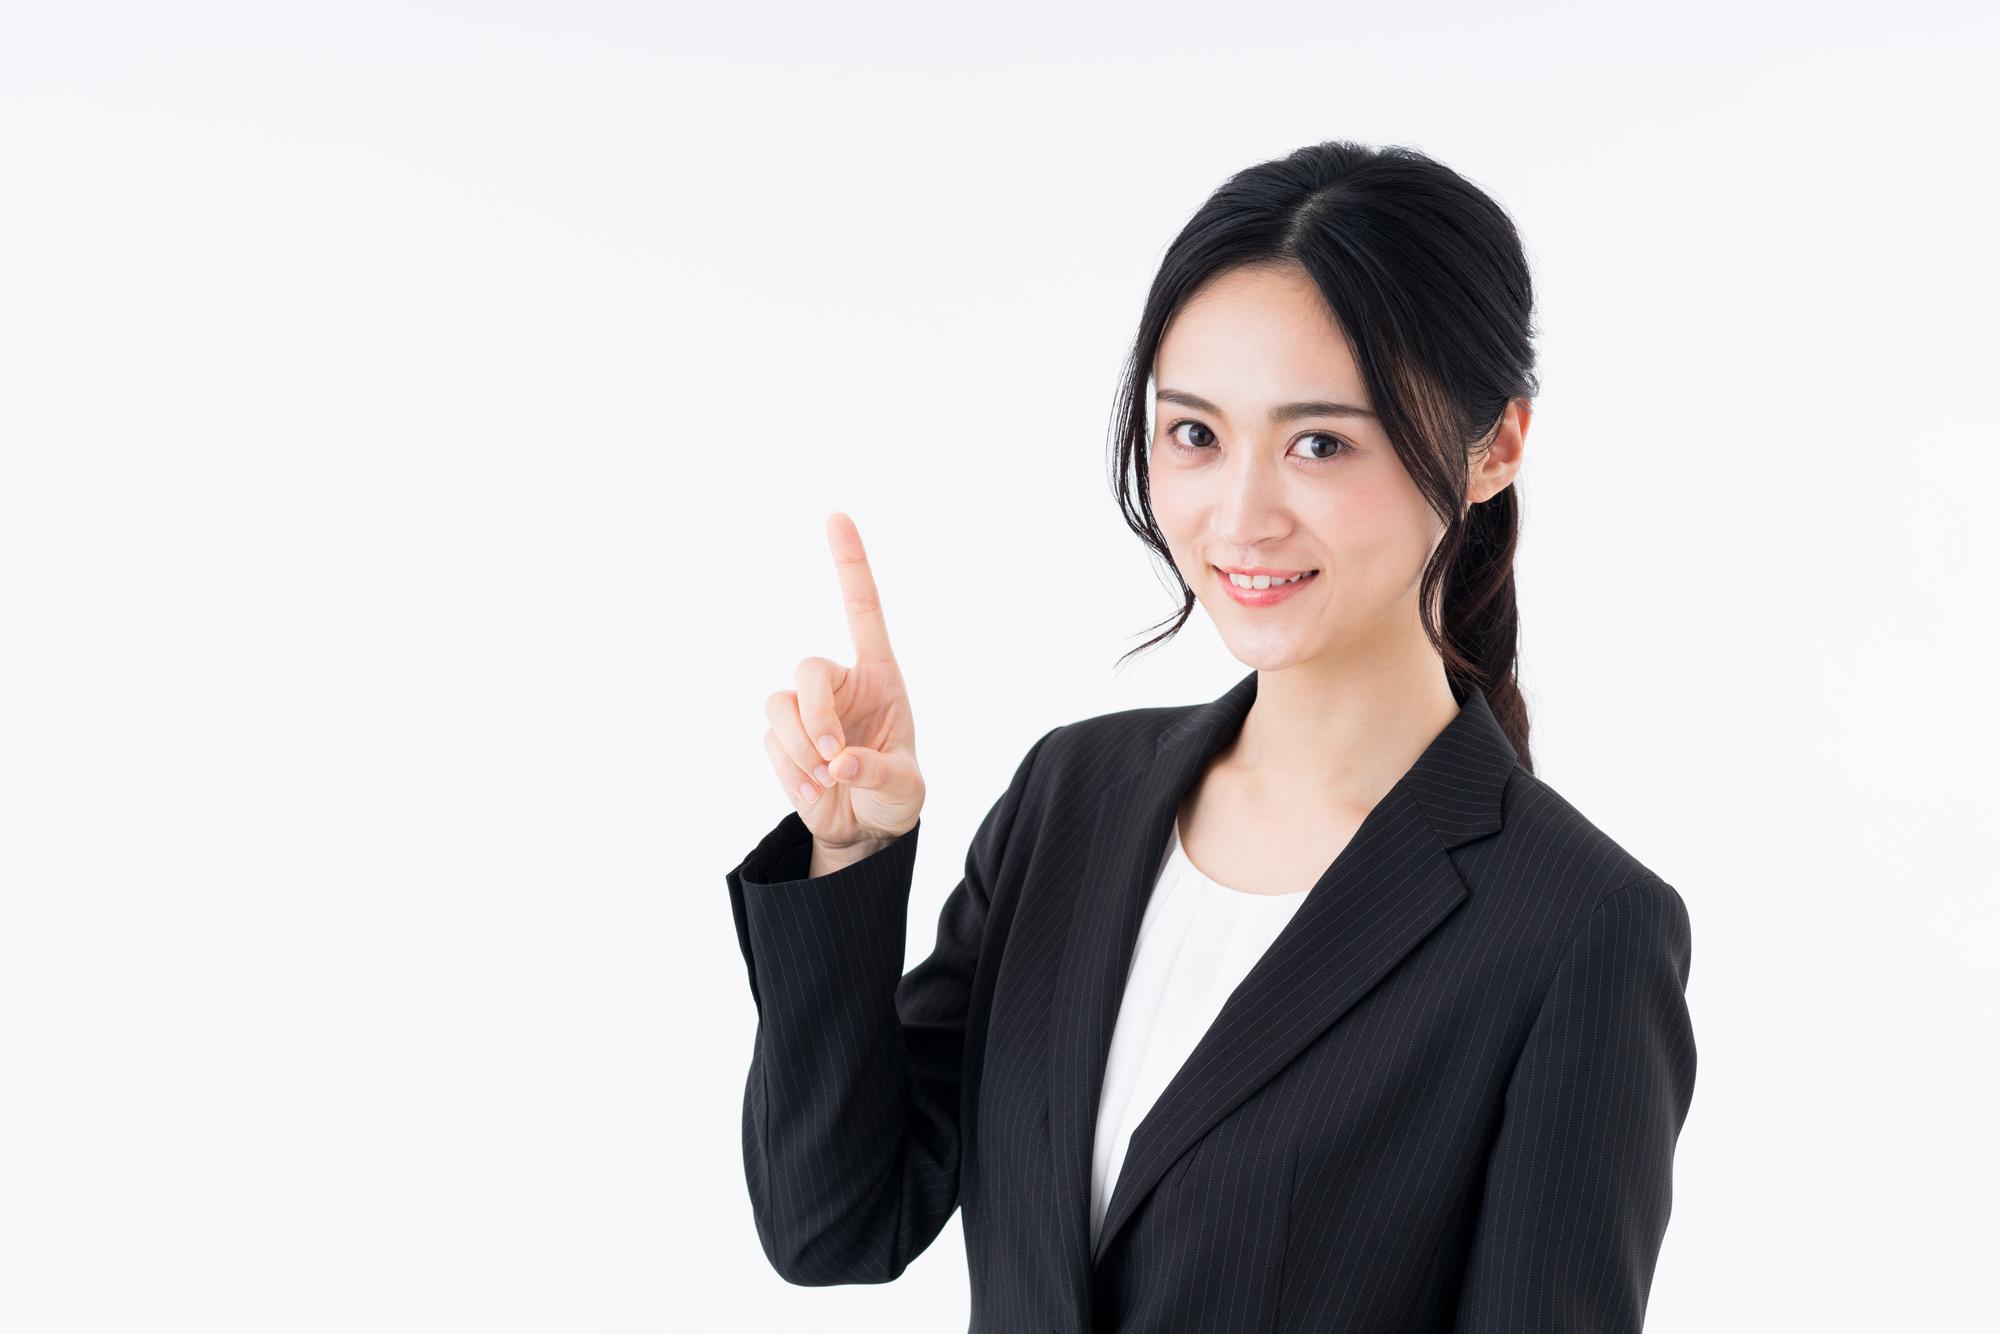 オンラインヨガOlulu(オルル)の無料体験を紹介する女性